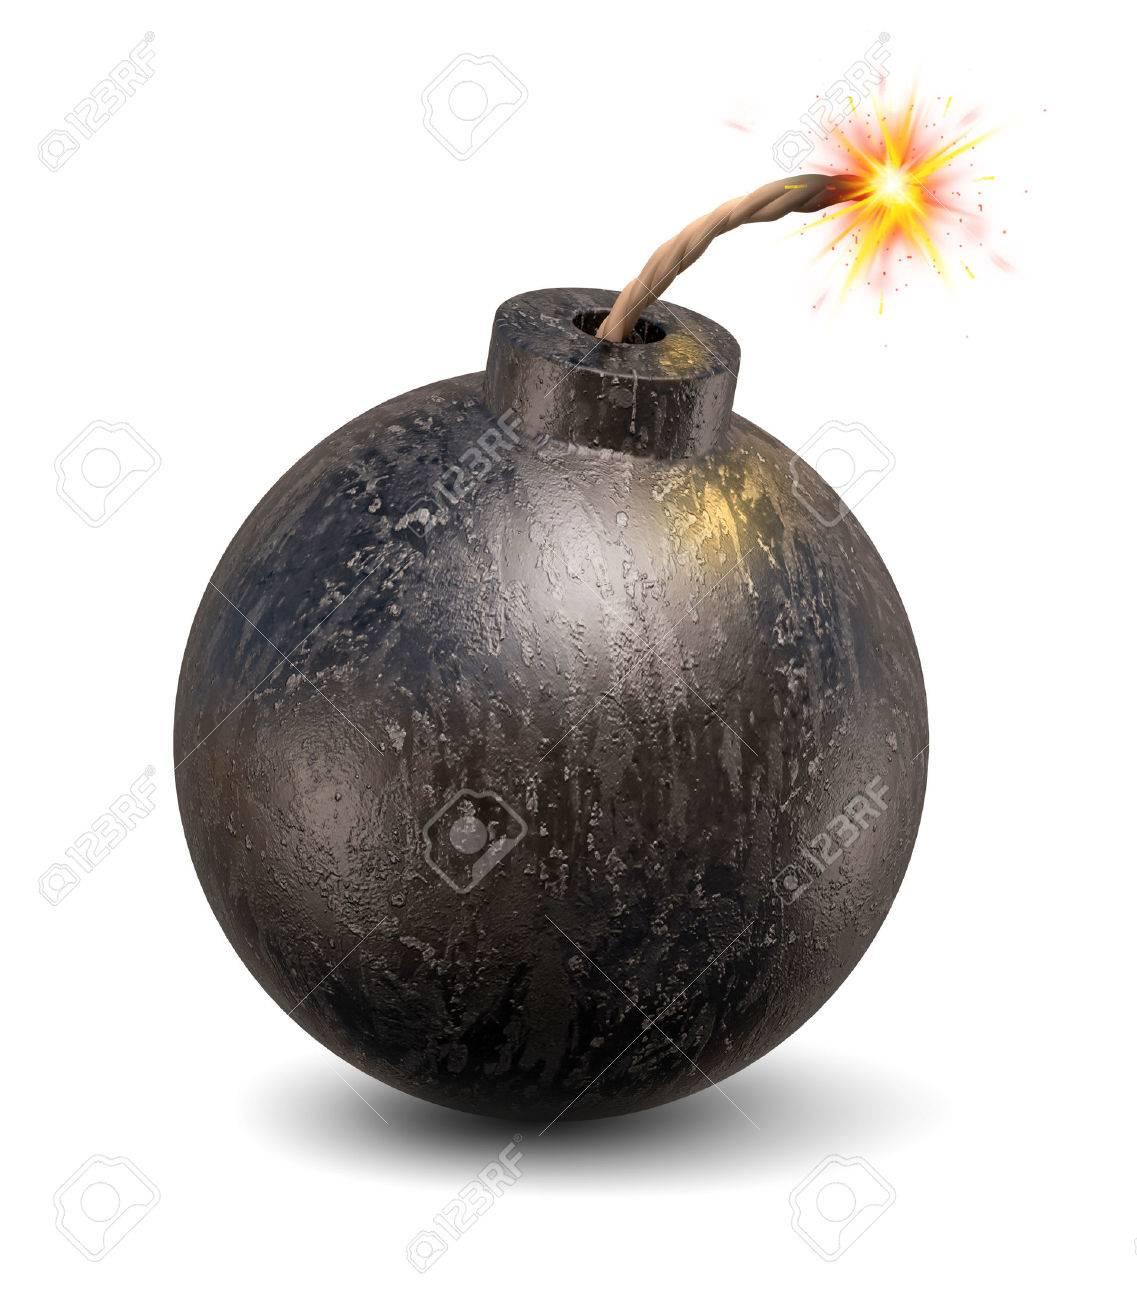 漫画の爆弾の 3 D 図 の写真素材・画像素材 Image 46401368.